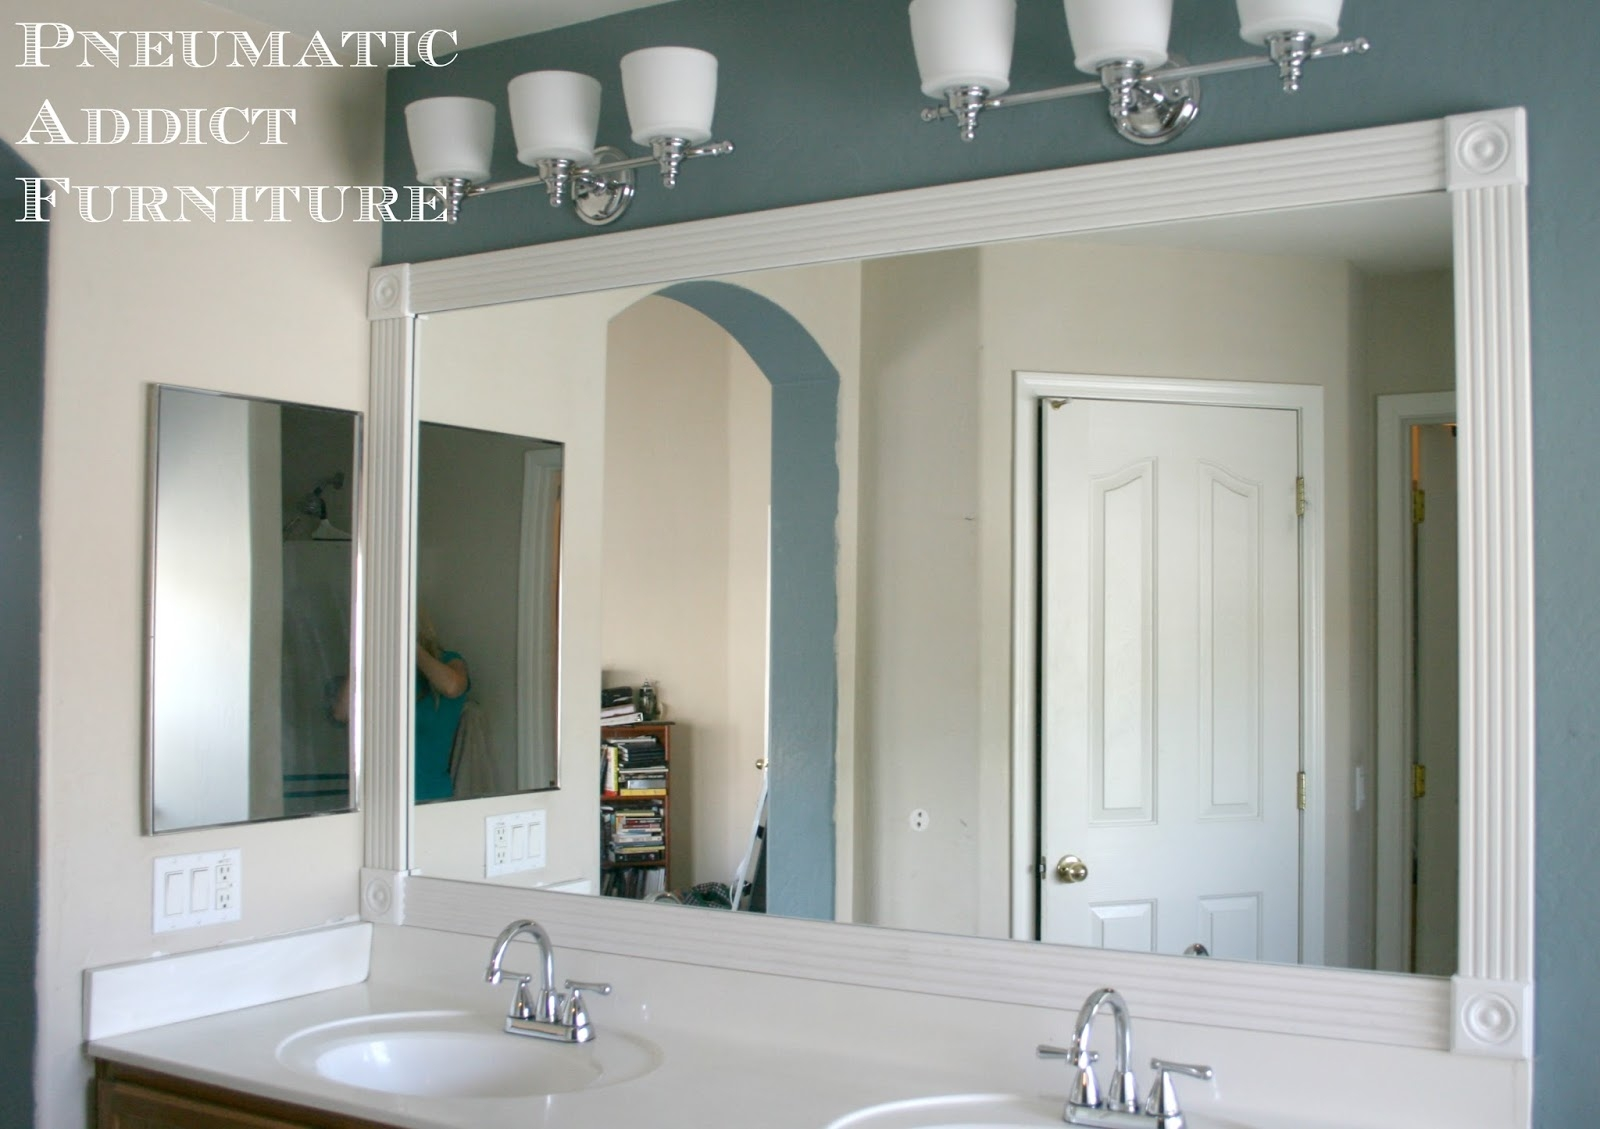 Put Wood Trim Around Bathroom Mirror